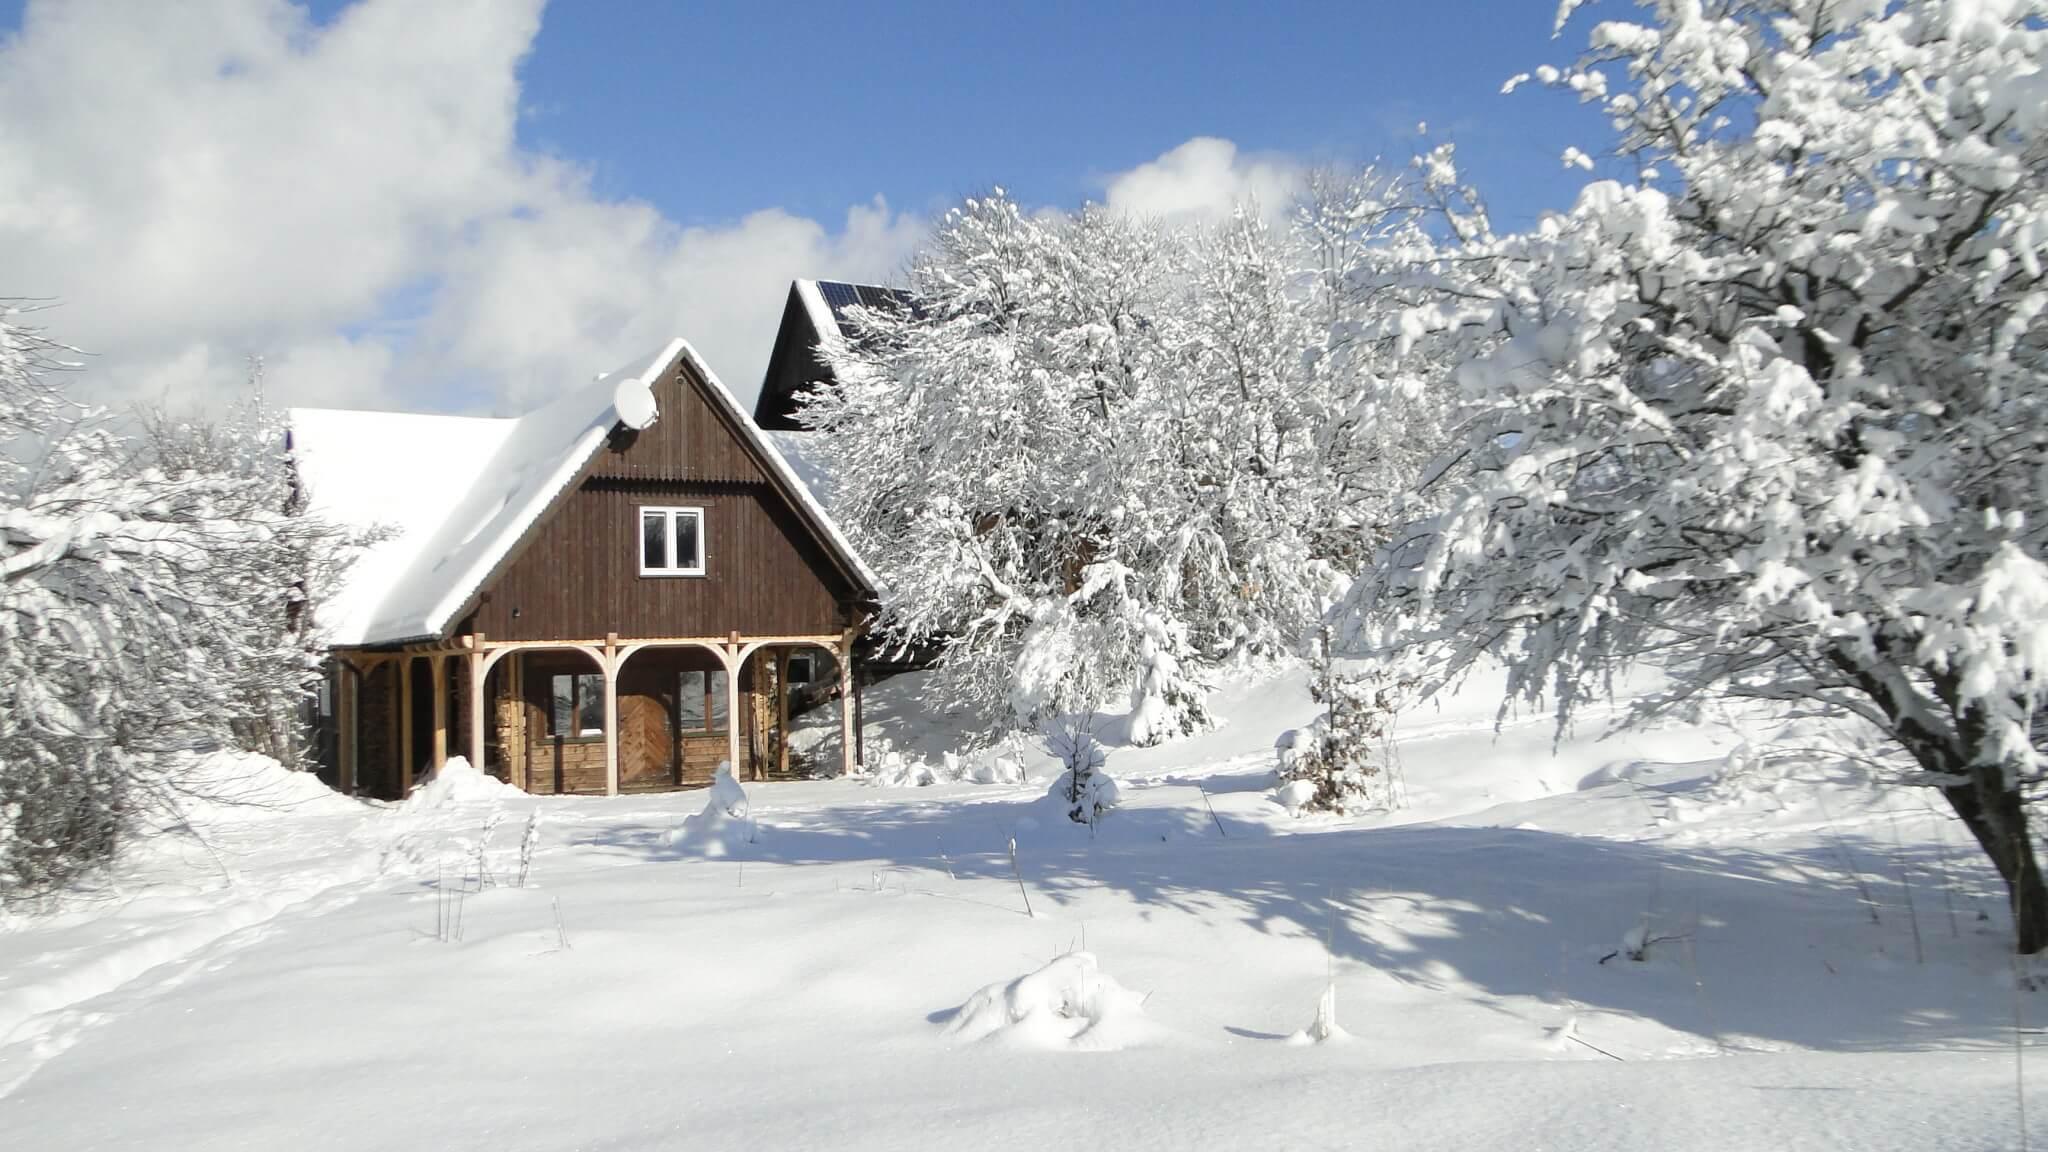 Lutowa zima - śnieżna imroźna 9